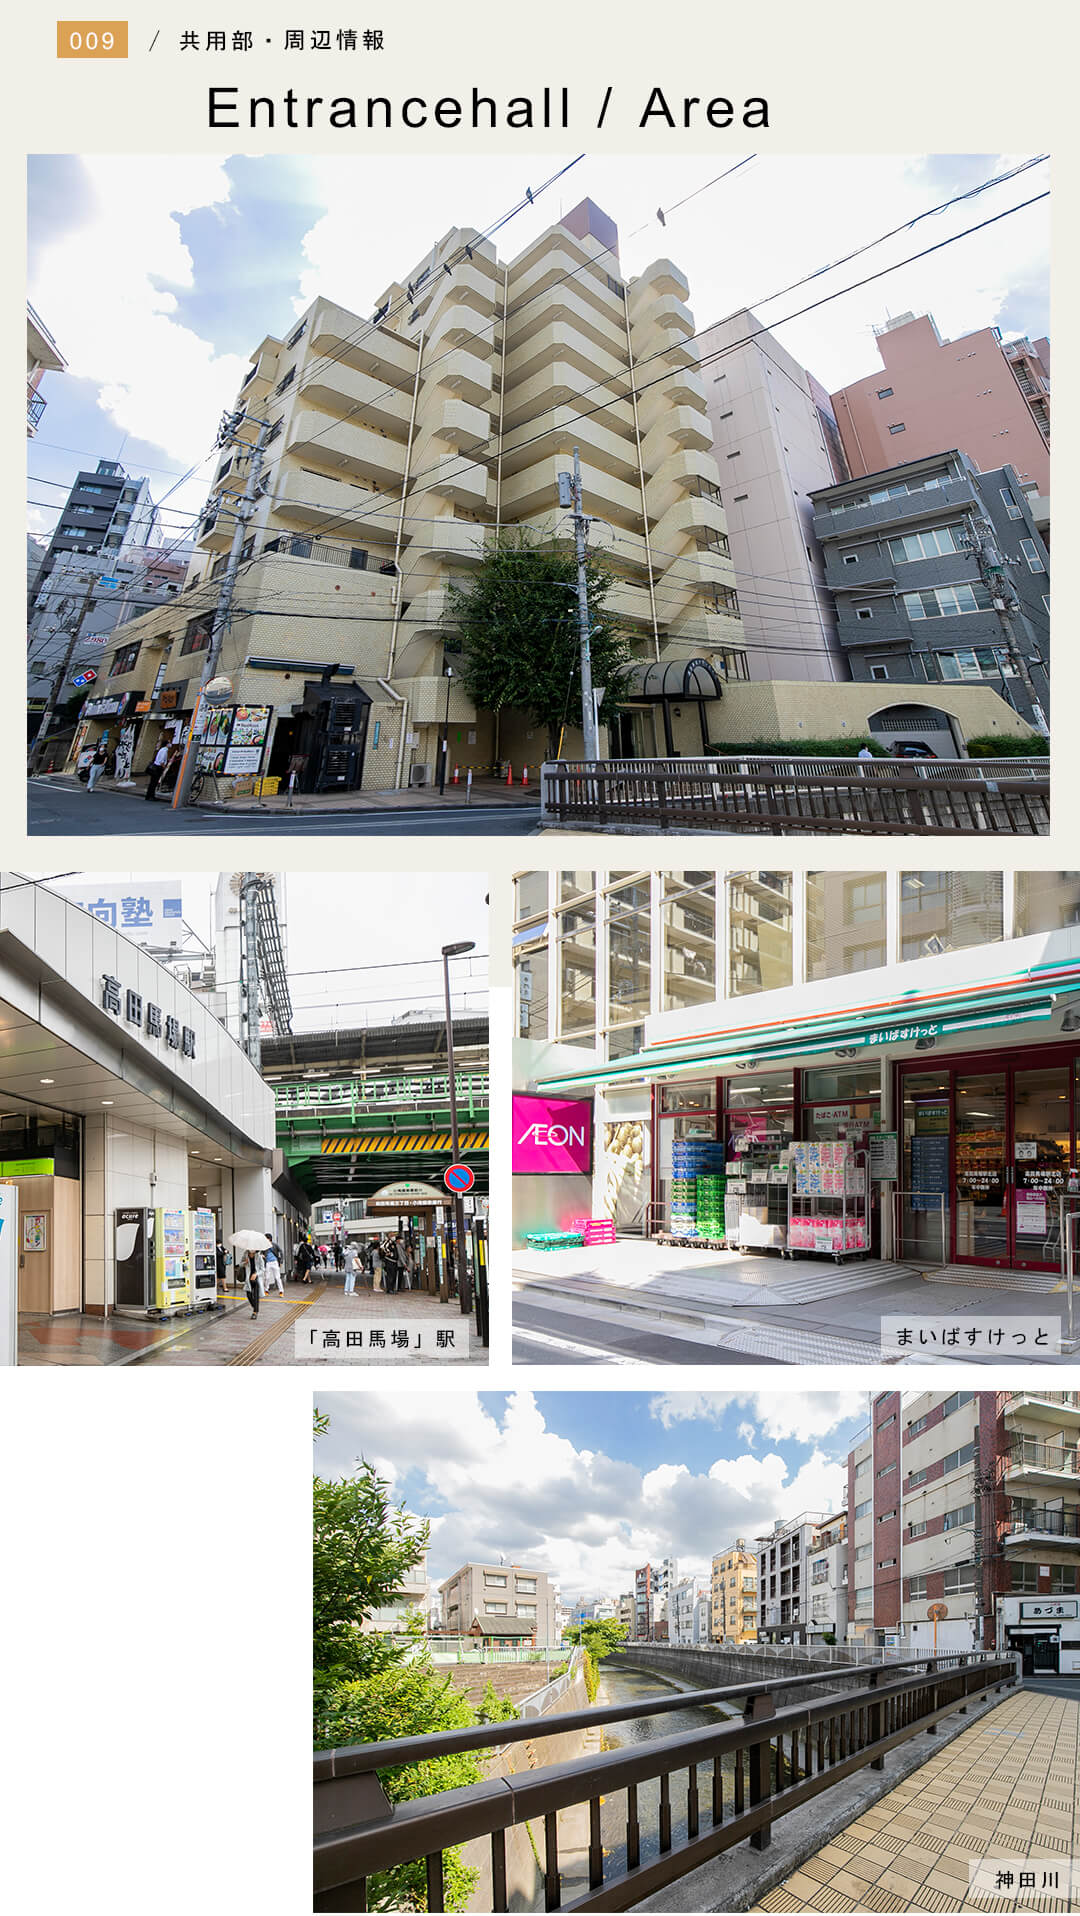 高田馬場シティハイツの外観と周辺情報